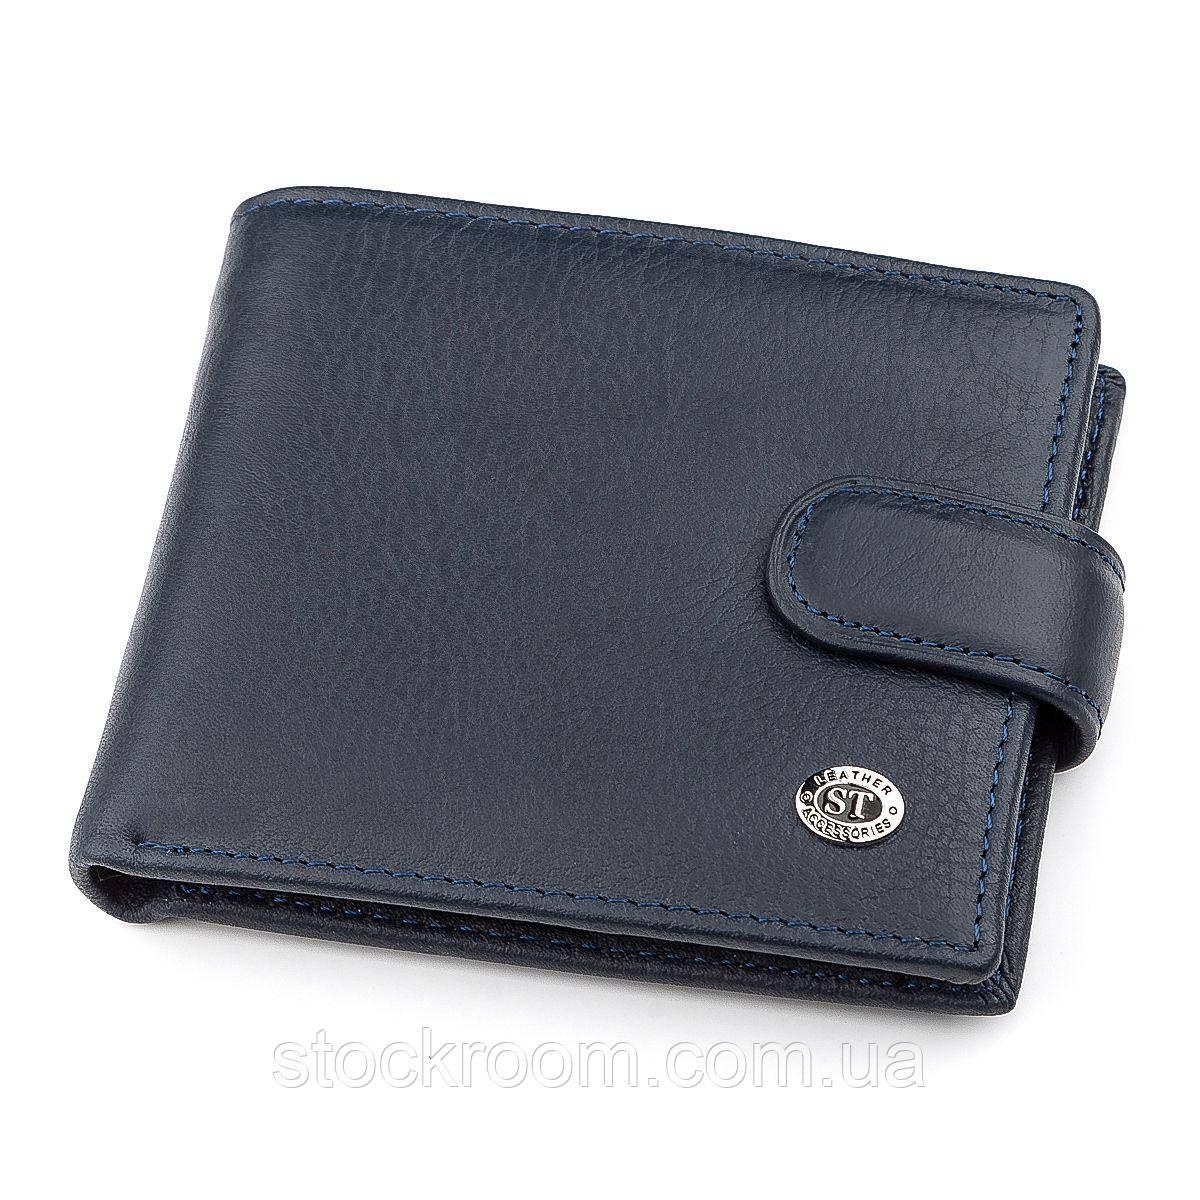 Мужской кошелек ST Leather 18312 (ST103) кожа Синий, Синий